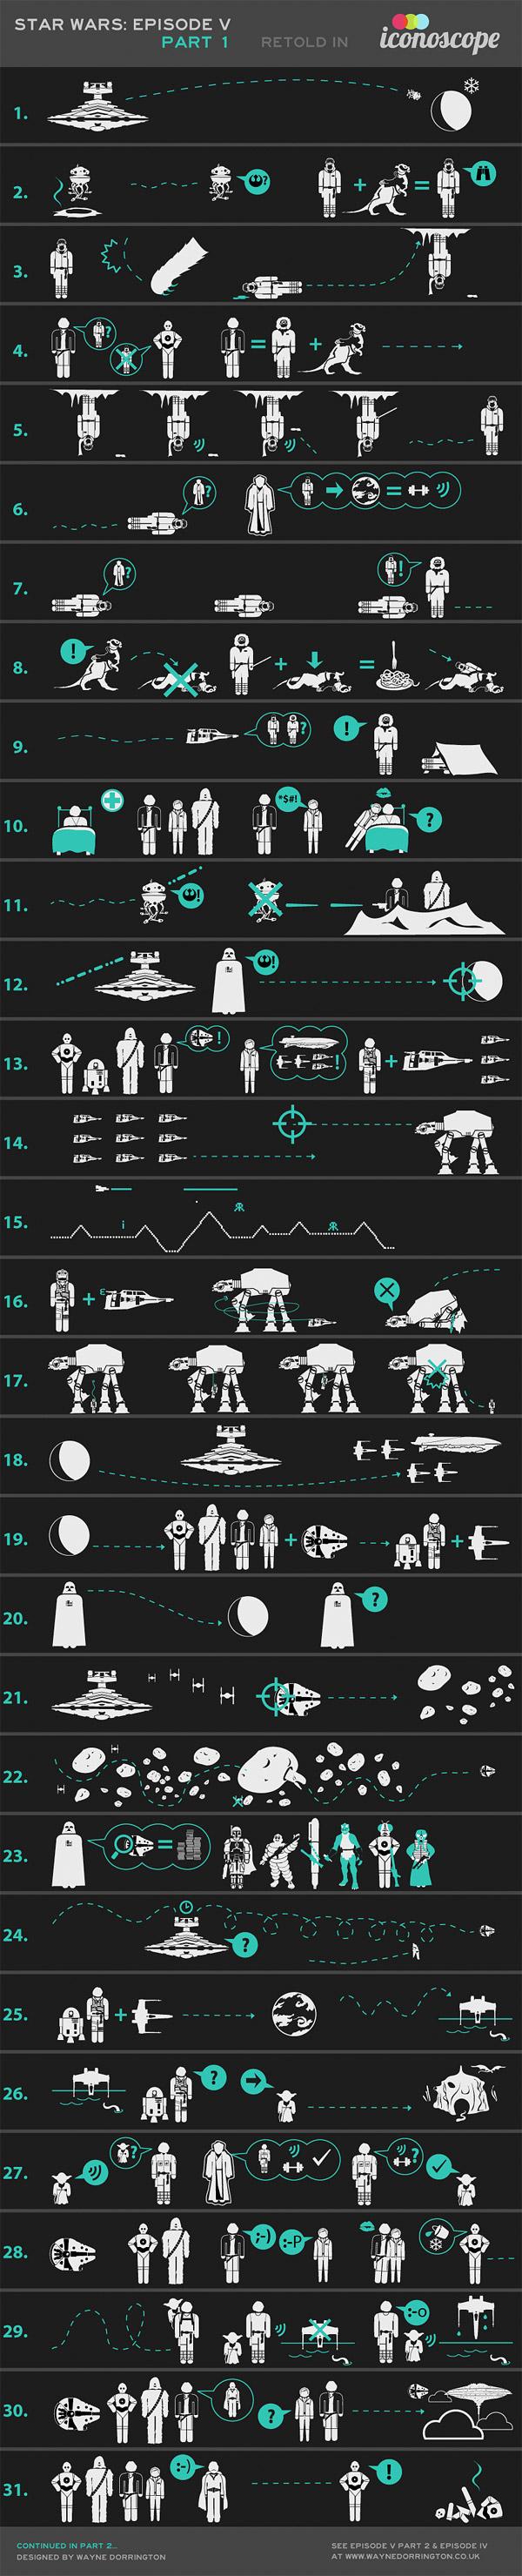 star wars v empire strikes back iconoscope